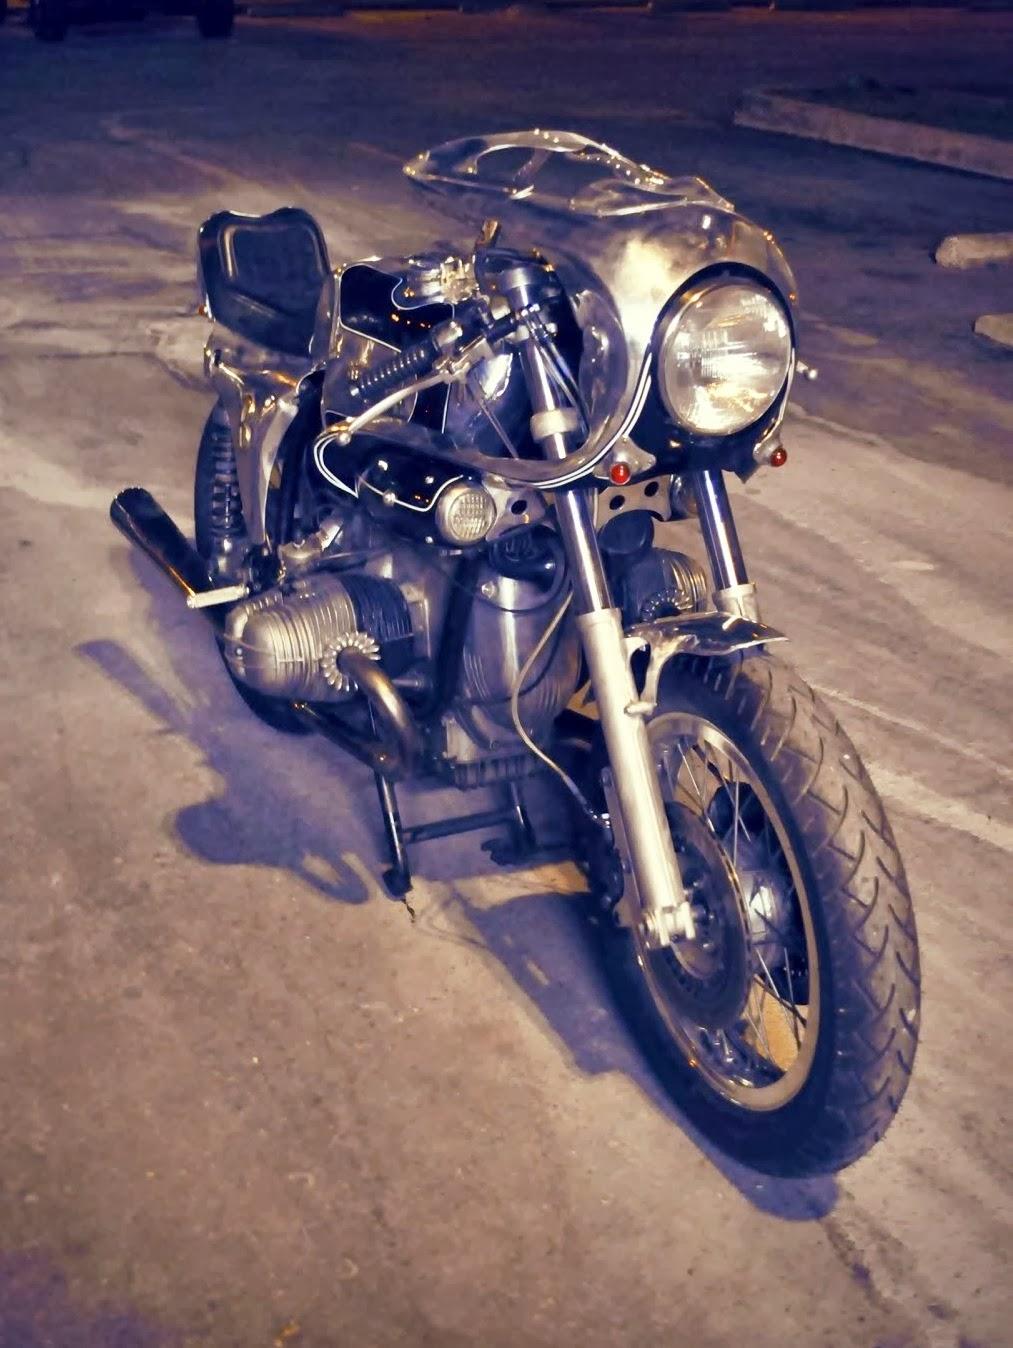 C'est ici qu'on met les bien molles....BMW Café Racer - Page 10 Bmw_ki10